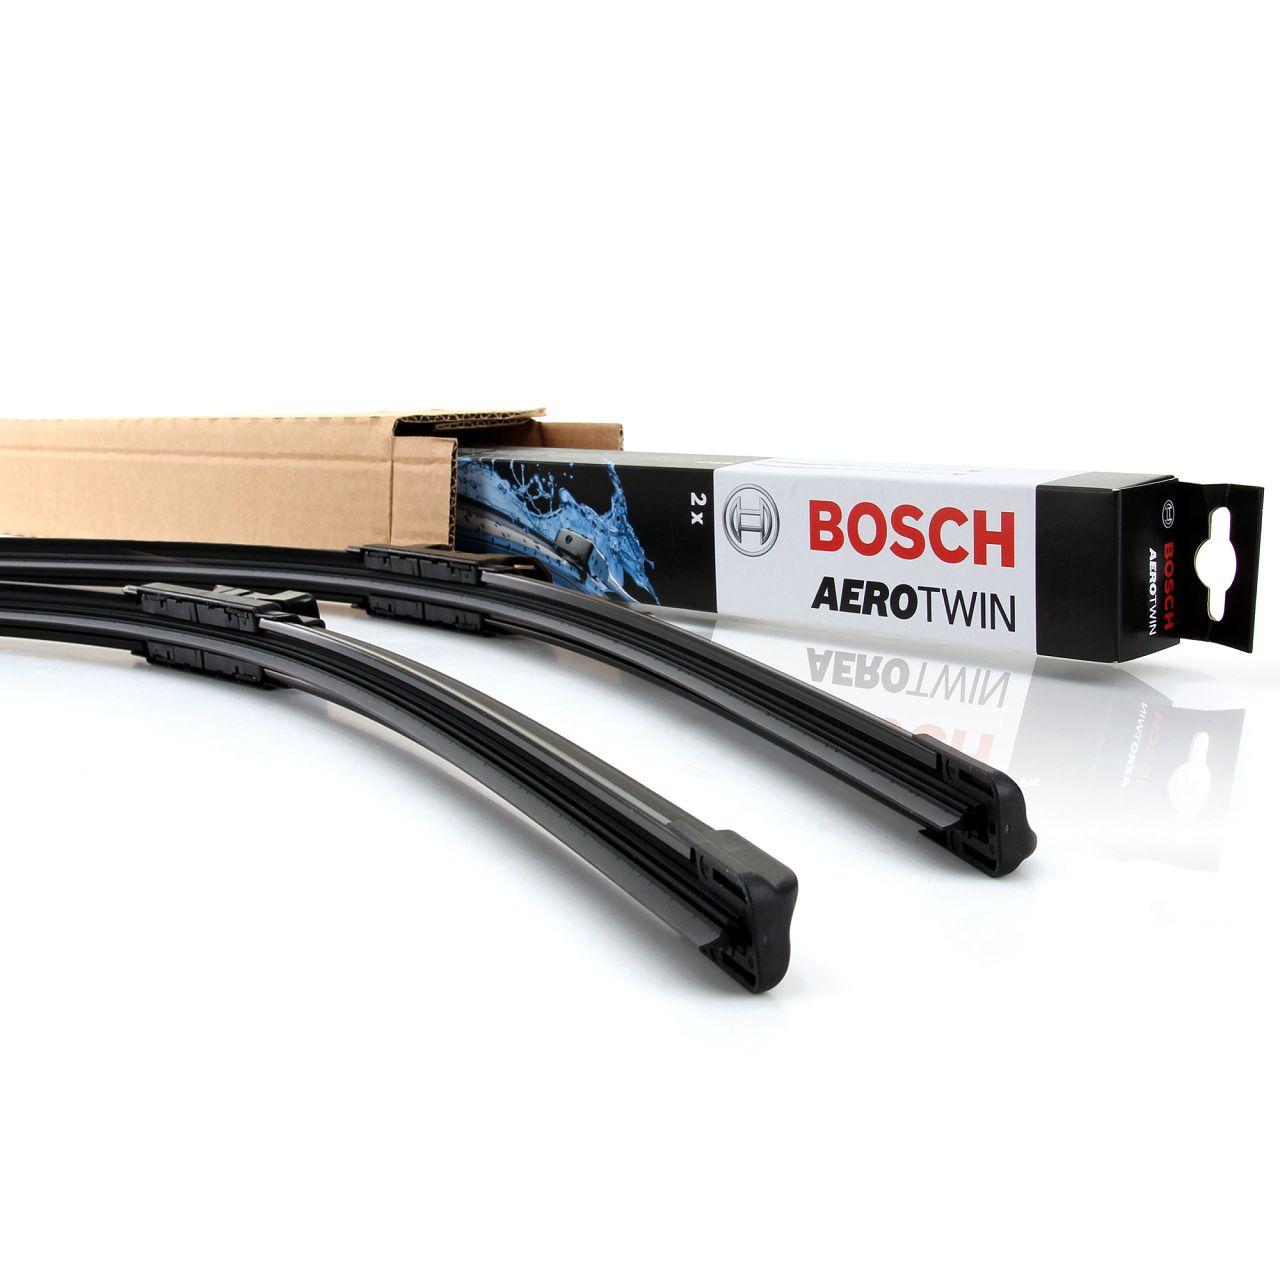 BOSCH AEROTWIN A010S Scheibenwischer Wischer für BMW 4er F32 F33 JAGUAR XF XJ